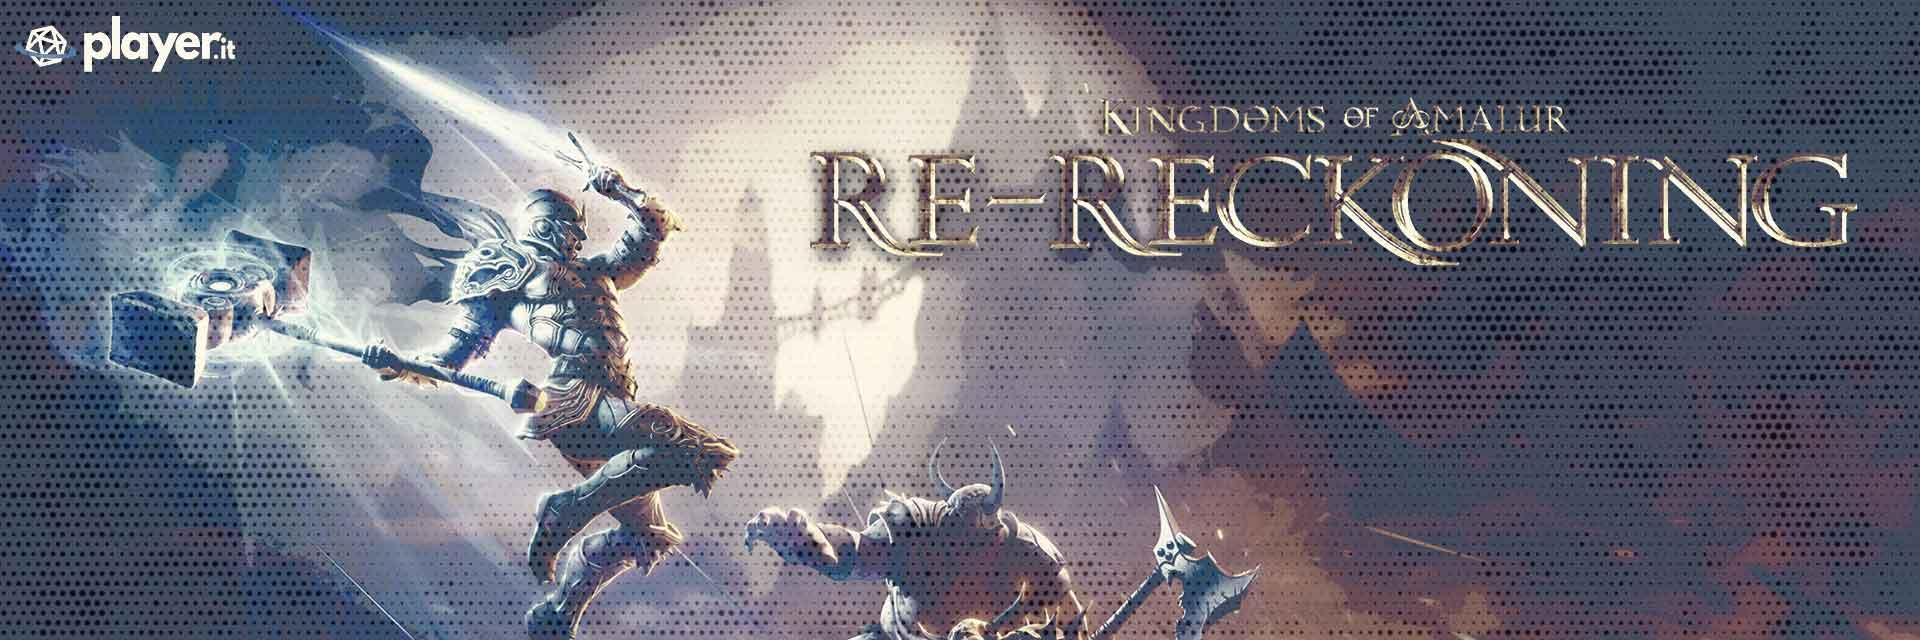 scheda gioco kingdoms of amalur re reckoning